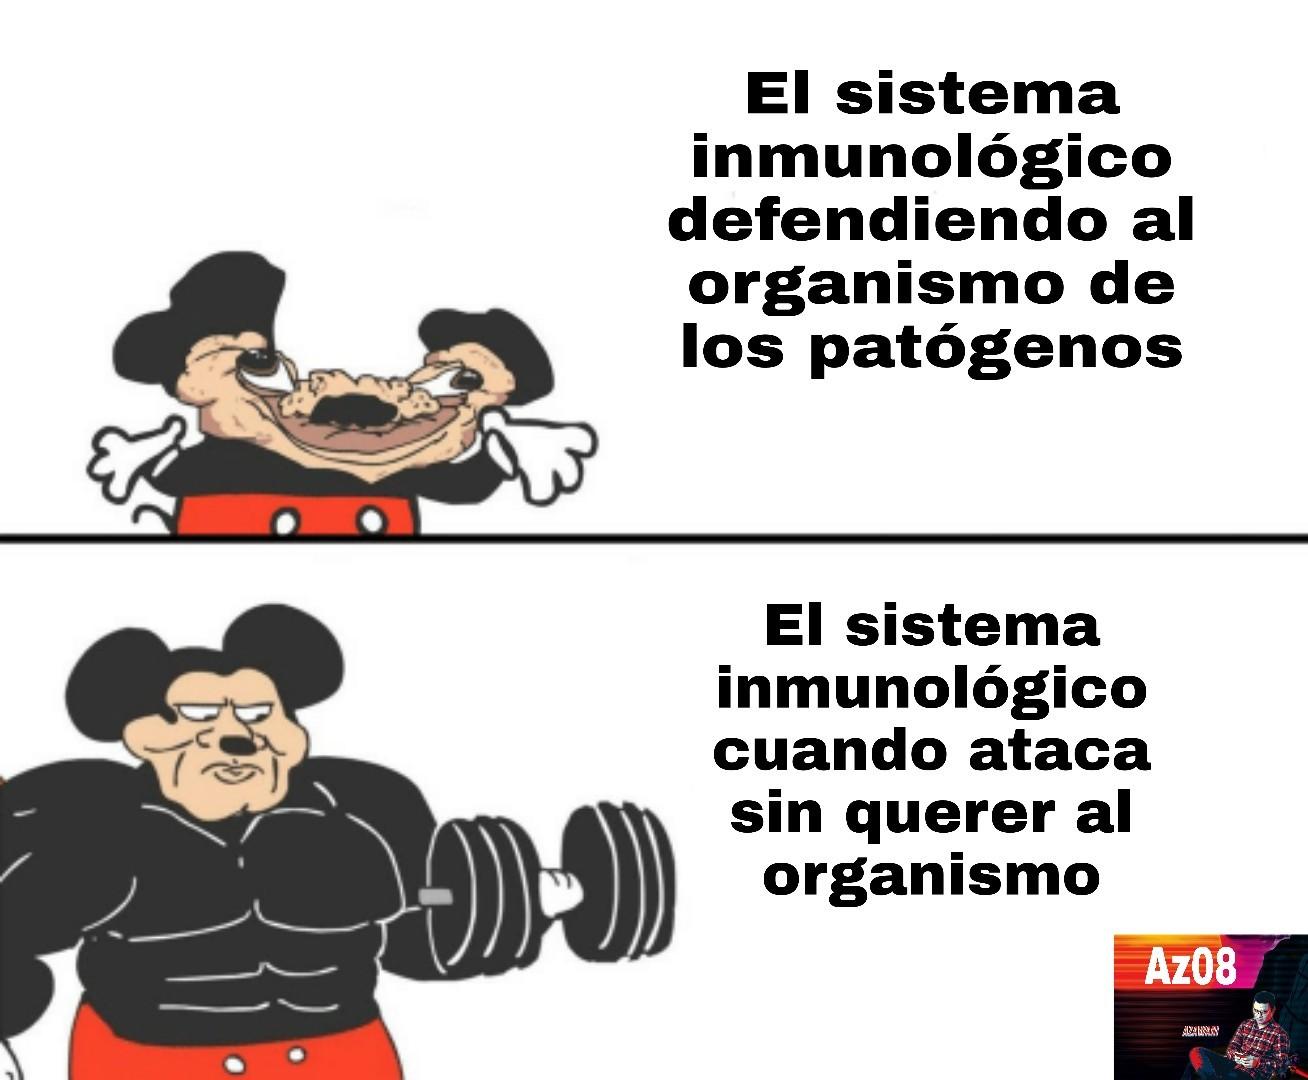 Un auténtico capo el sistema inmunológico - meme